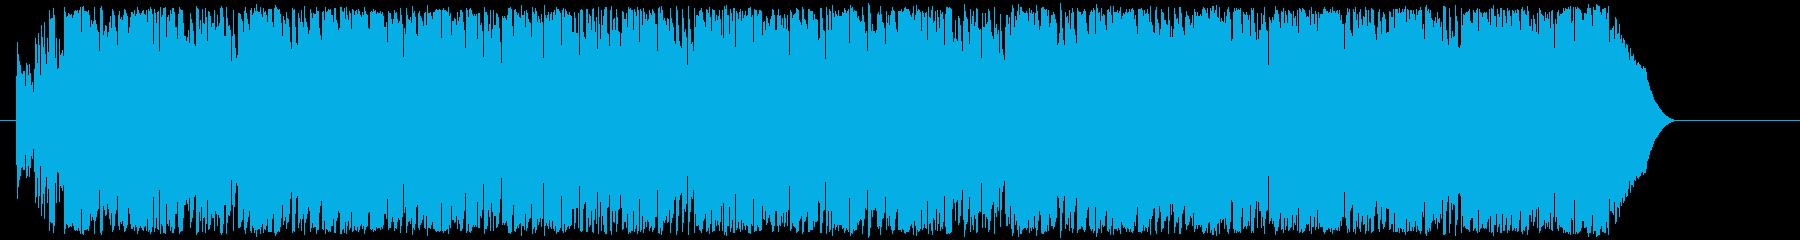 エキサイティングで明るいポップの再生済みの波形